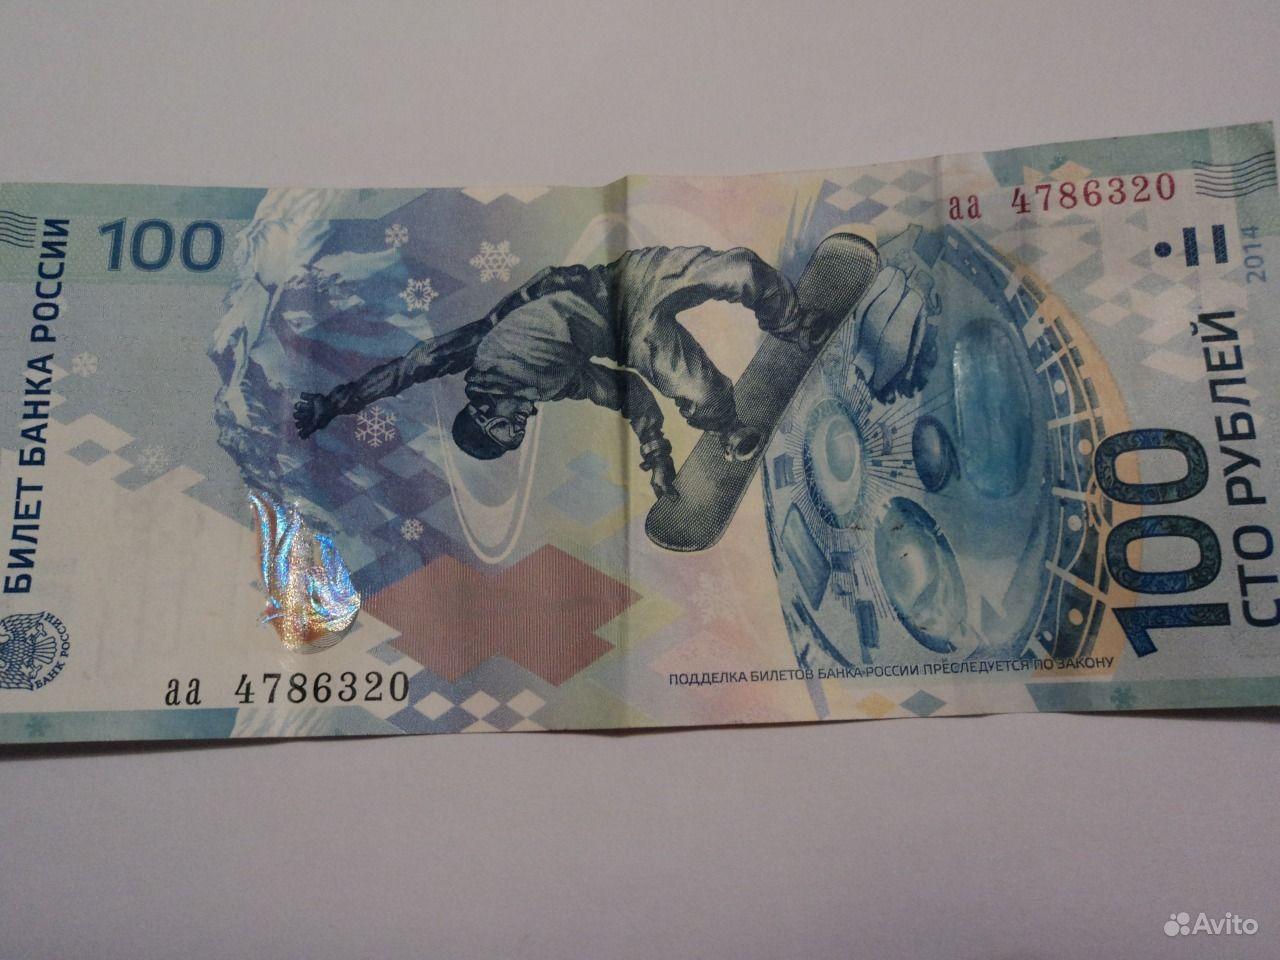 Сто рублей сочи фото